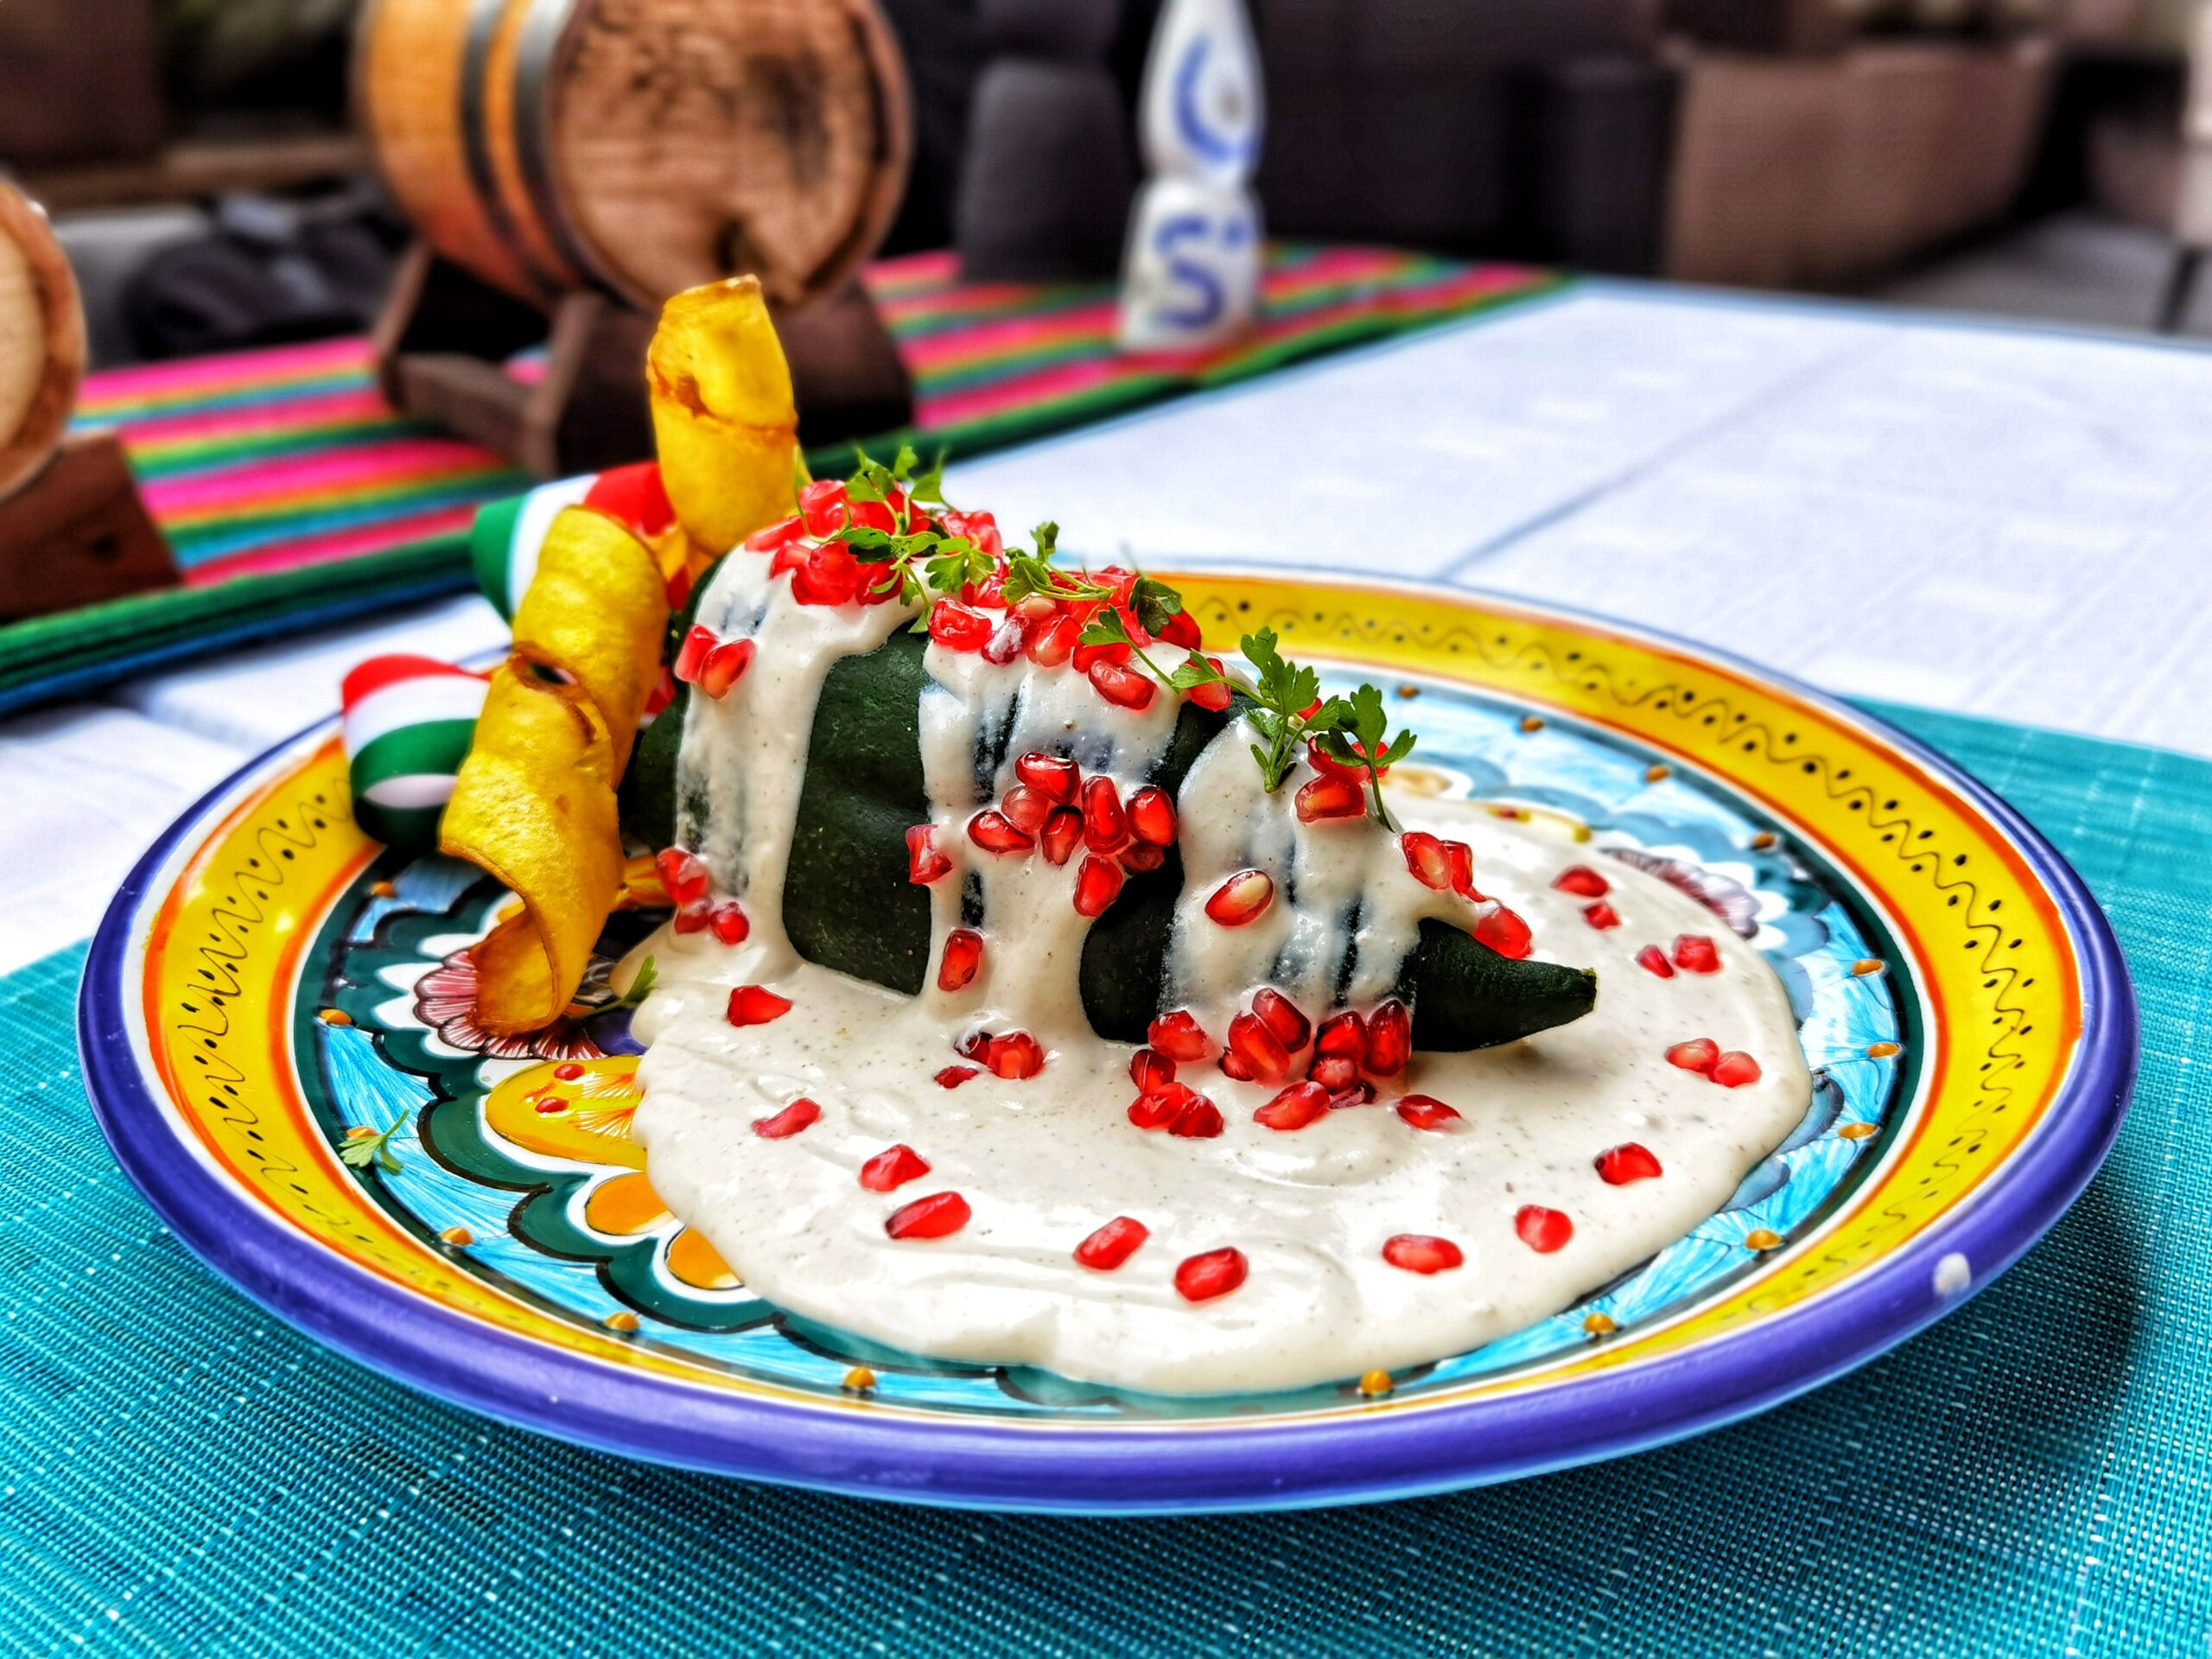 La chiles en nogada del chef Ciro Mejía llegan a Xanat del JW Marriott Ciudad de México